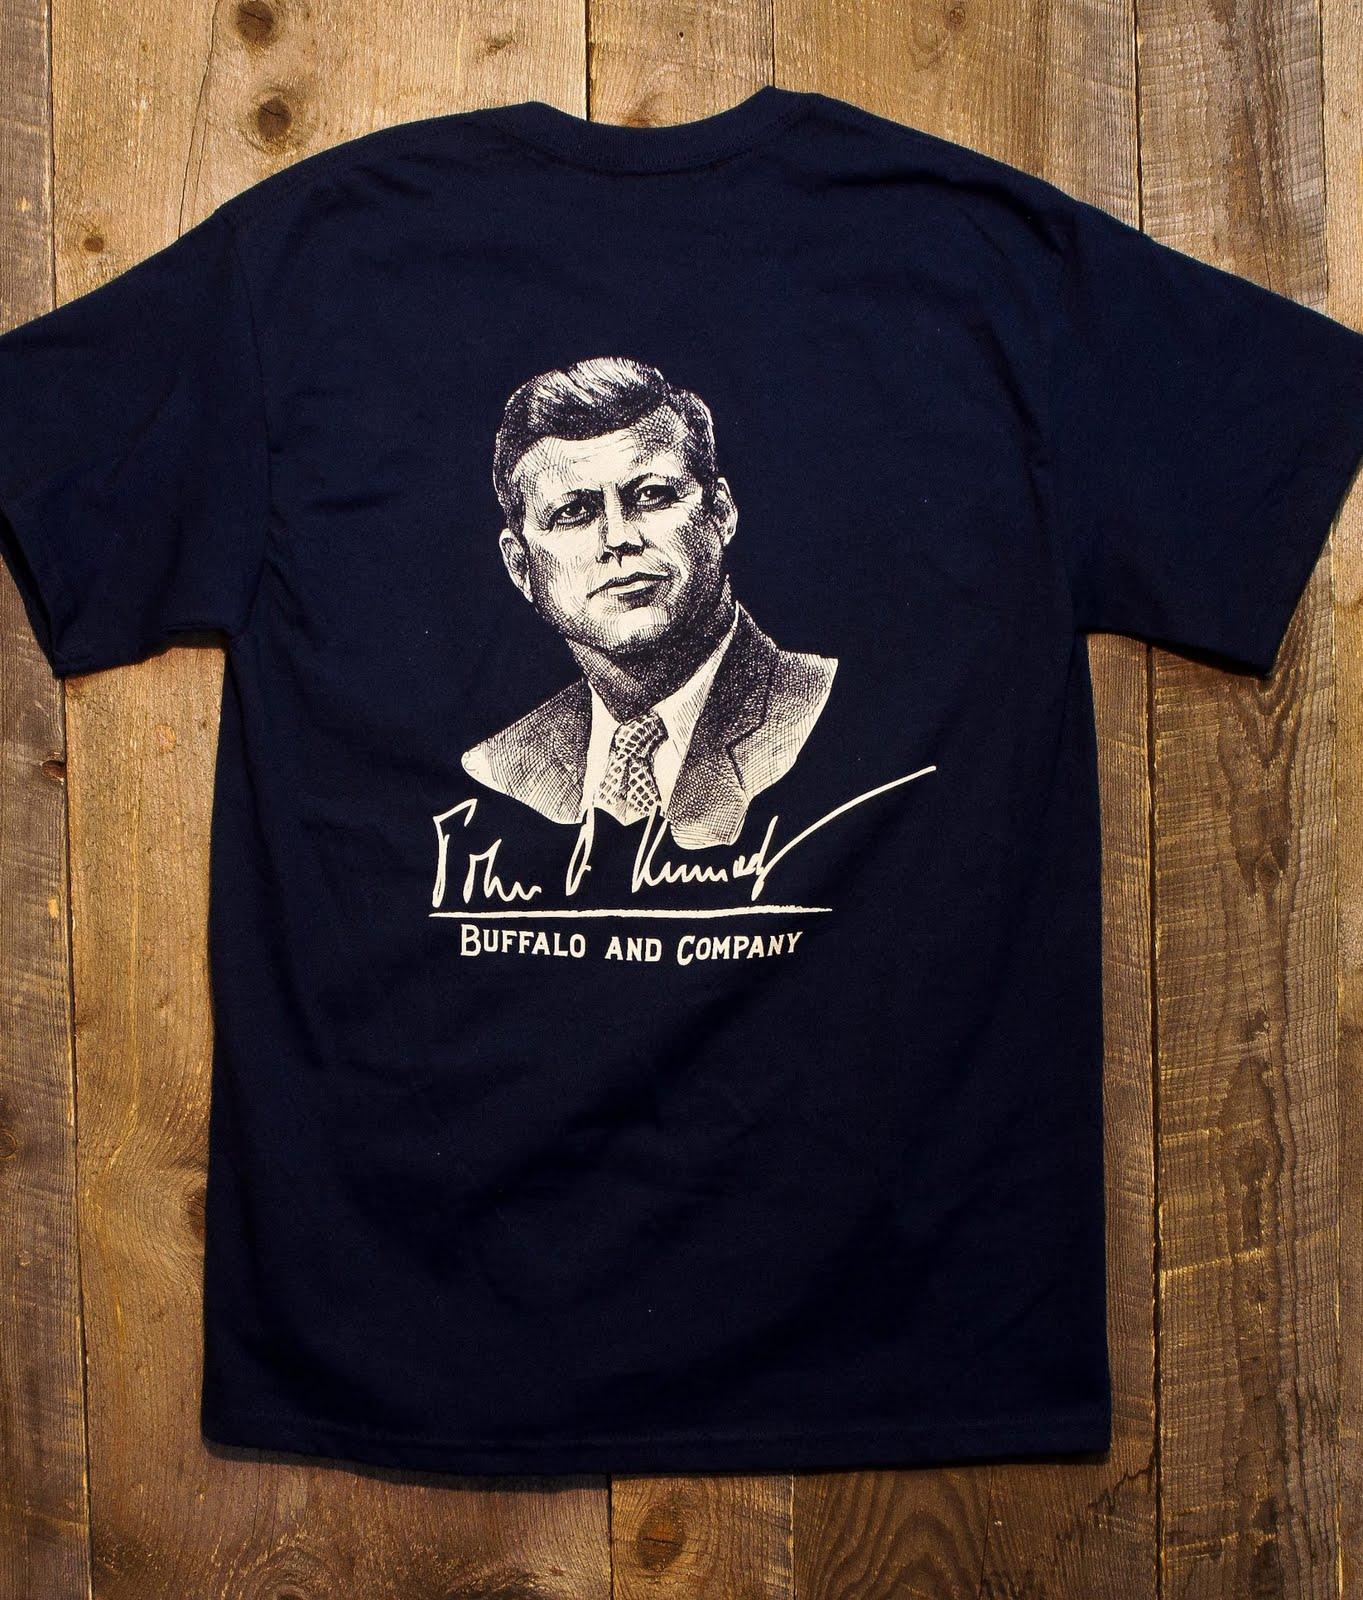 John F. Kennedy Portrait